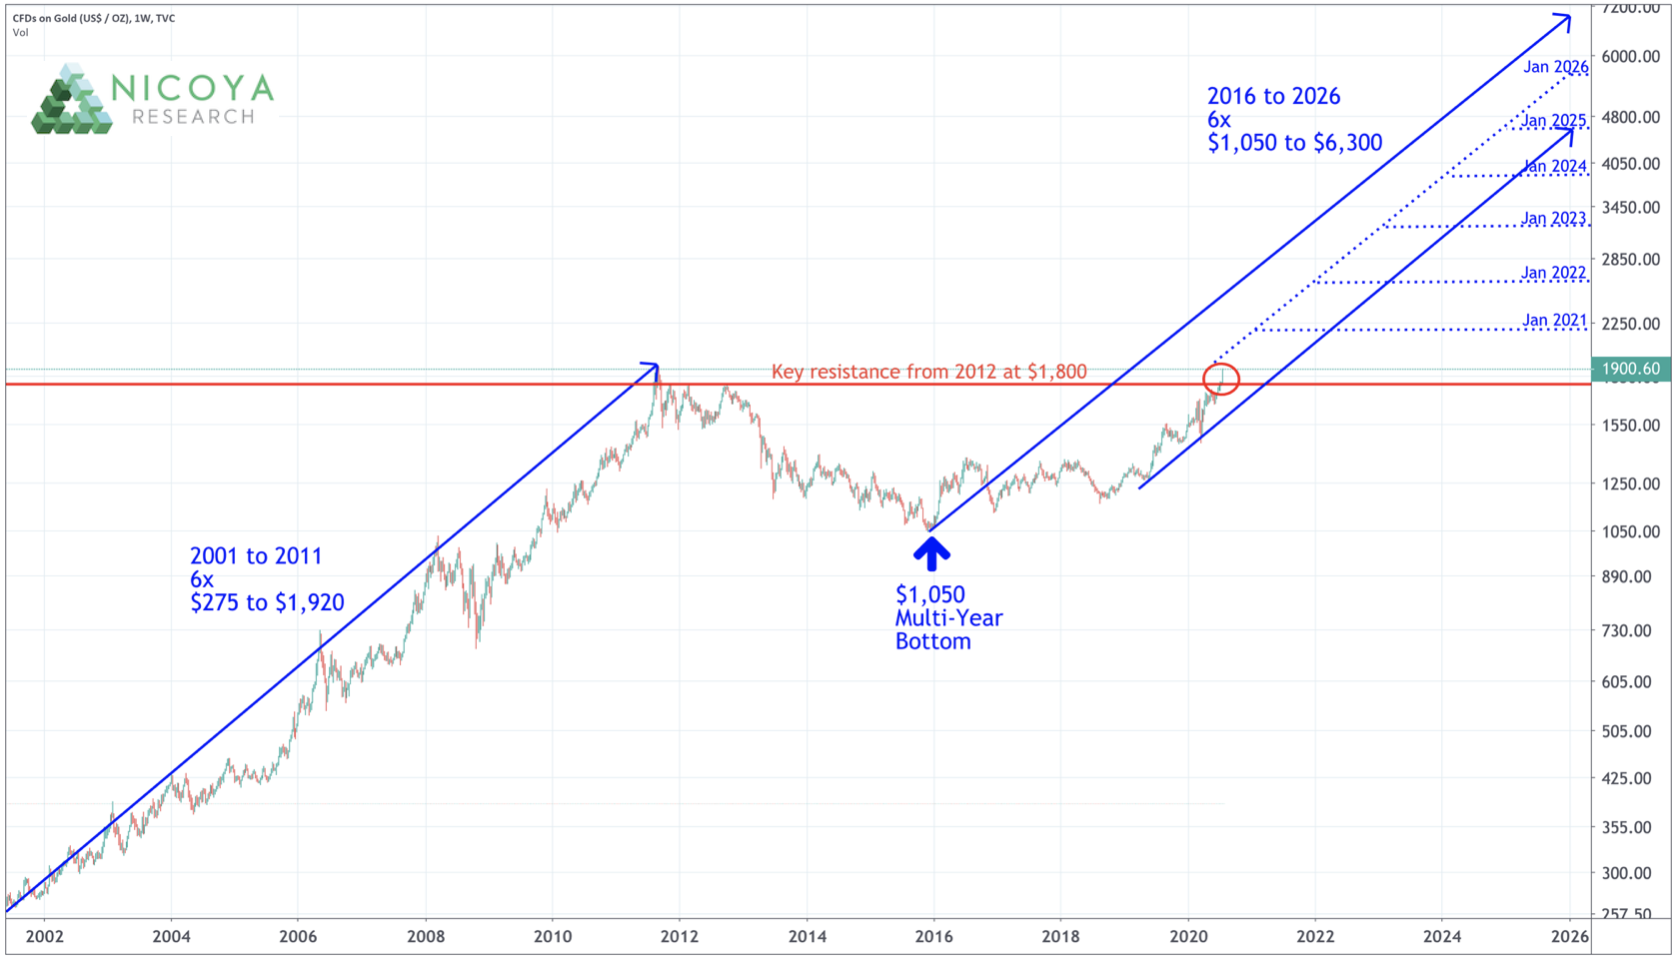 линейный прогноз цена на золота в 2020 2021 2022 2023 2024 2025 2026 годы